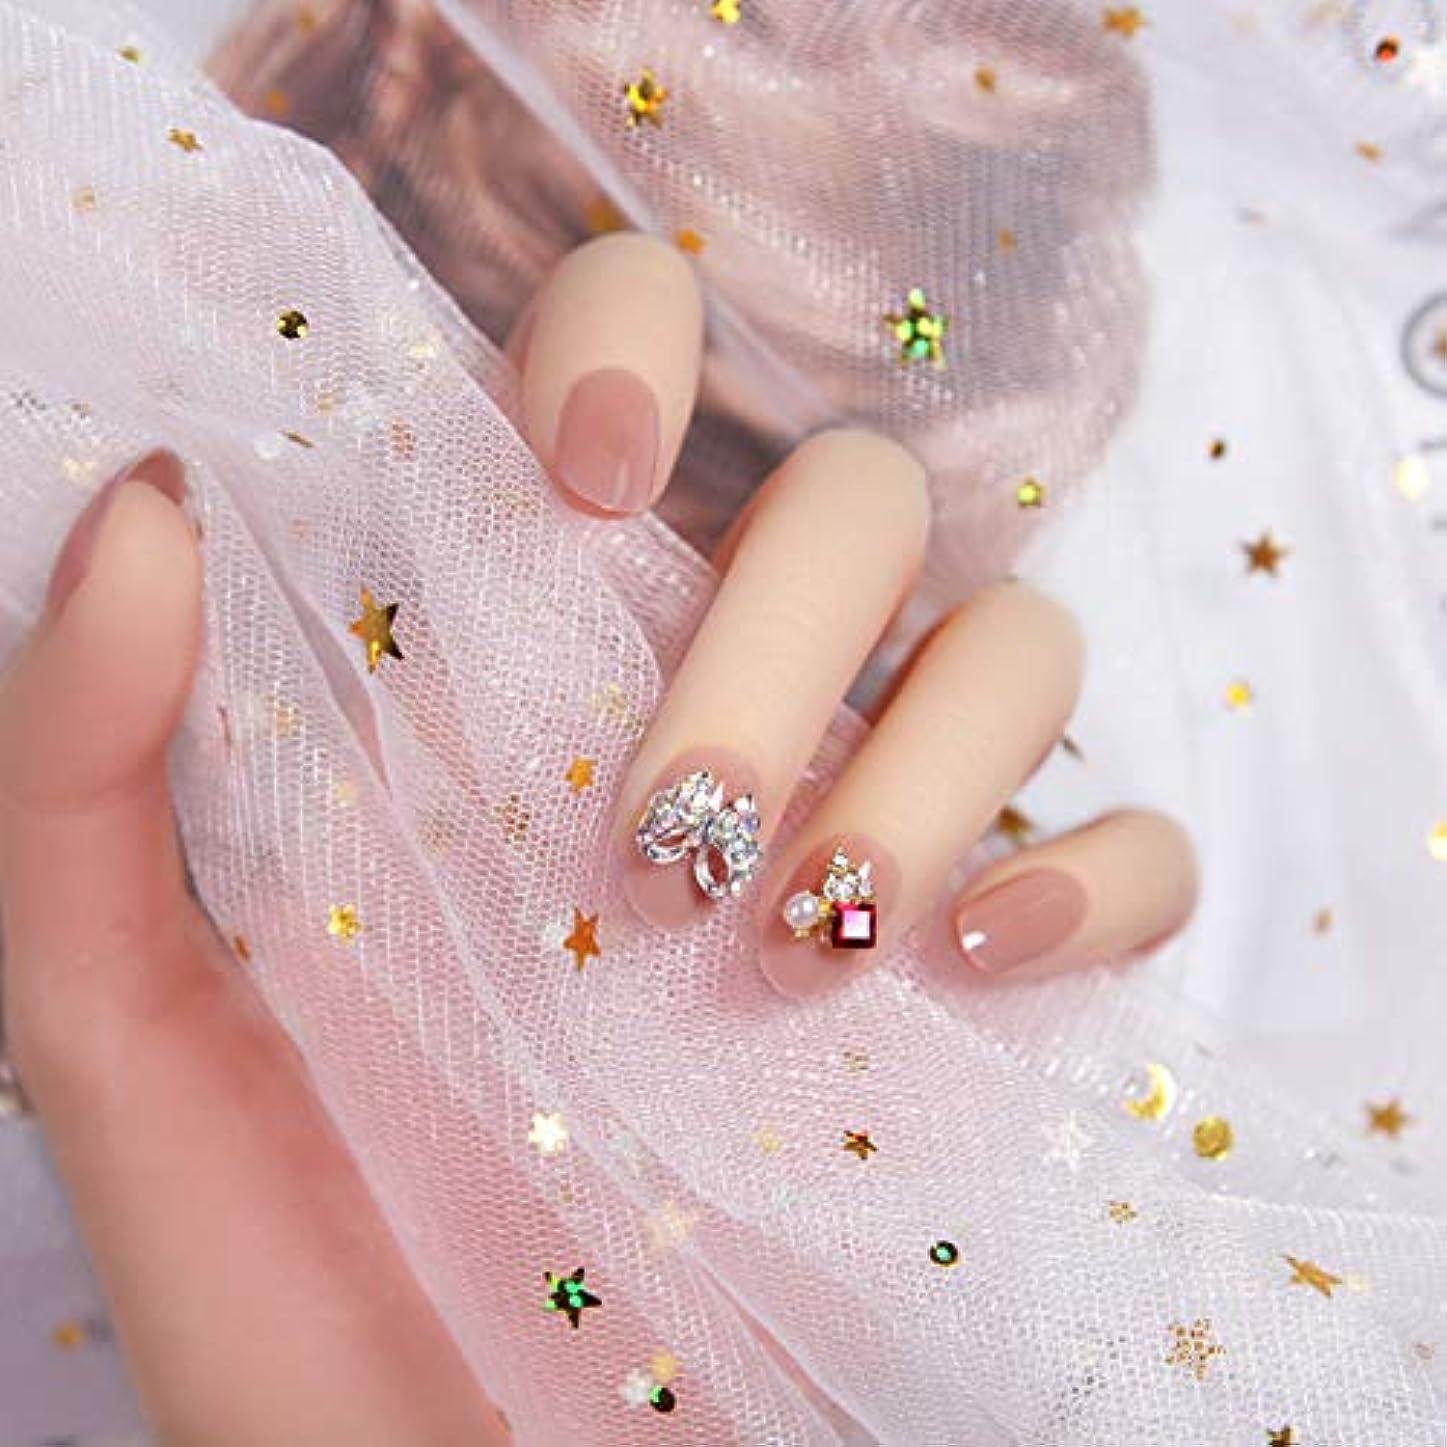 レンチリネン用量ピンク 3D ネイルチップ 人造ダイヤモンド 24枚入 原宿 和風 夢幻 和装 手作りネイルチップ 結婚式ネイルチップ